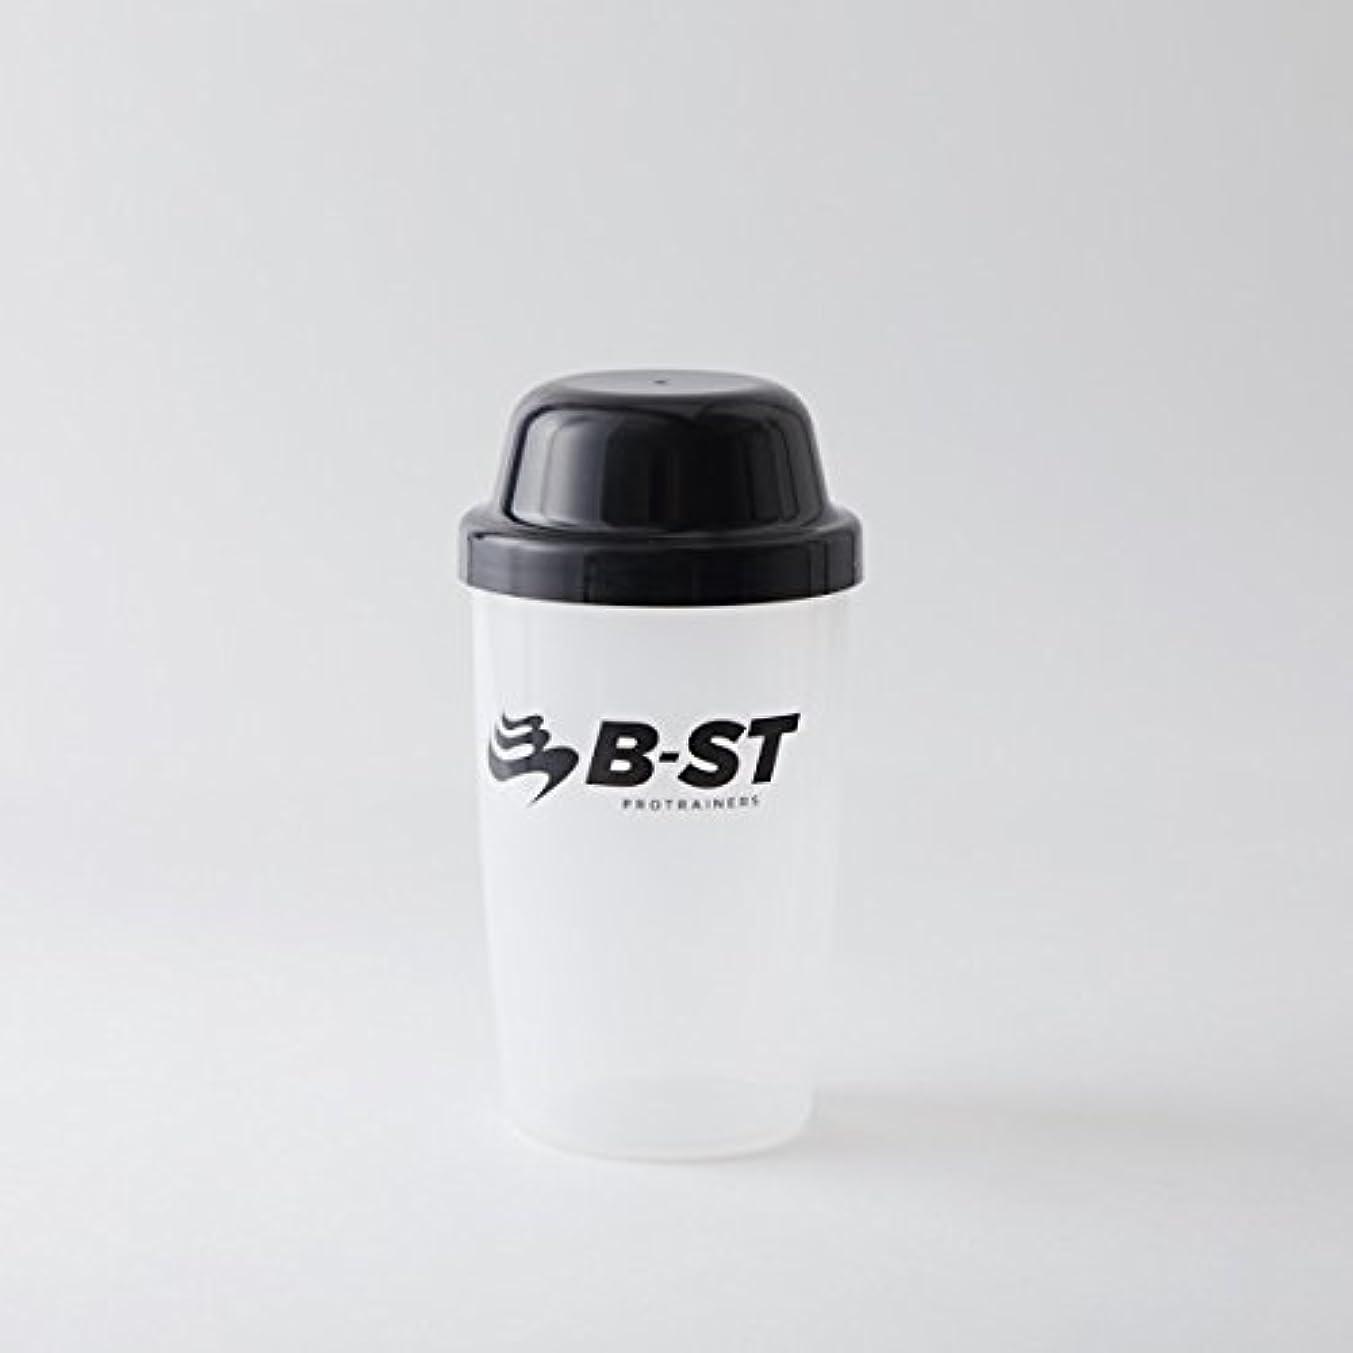 ヒントブロック一致するB-STプロテインシェーカー